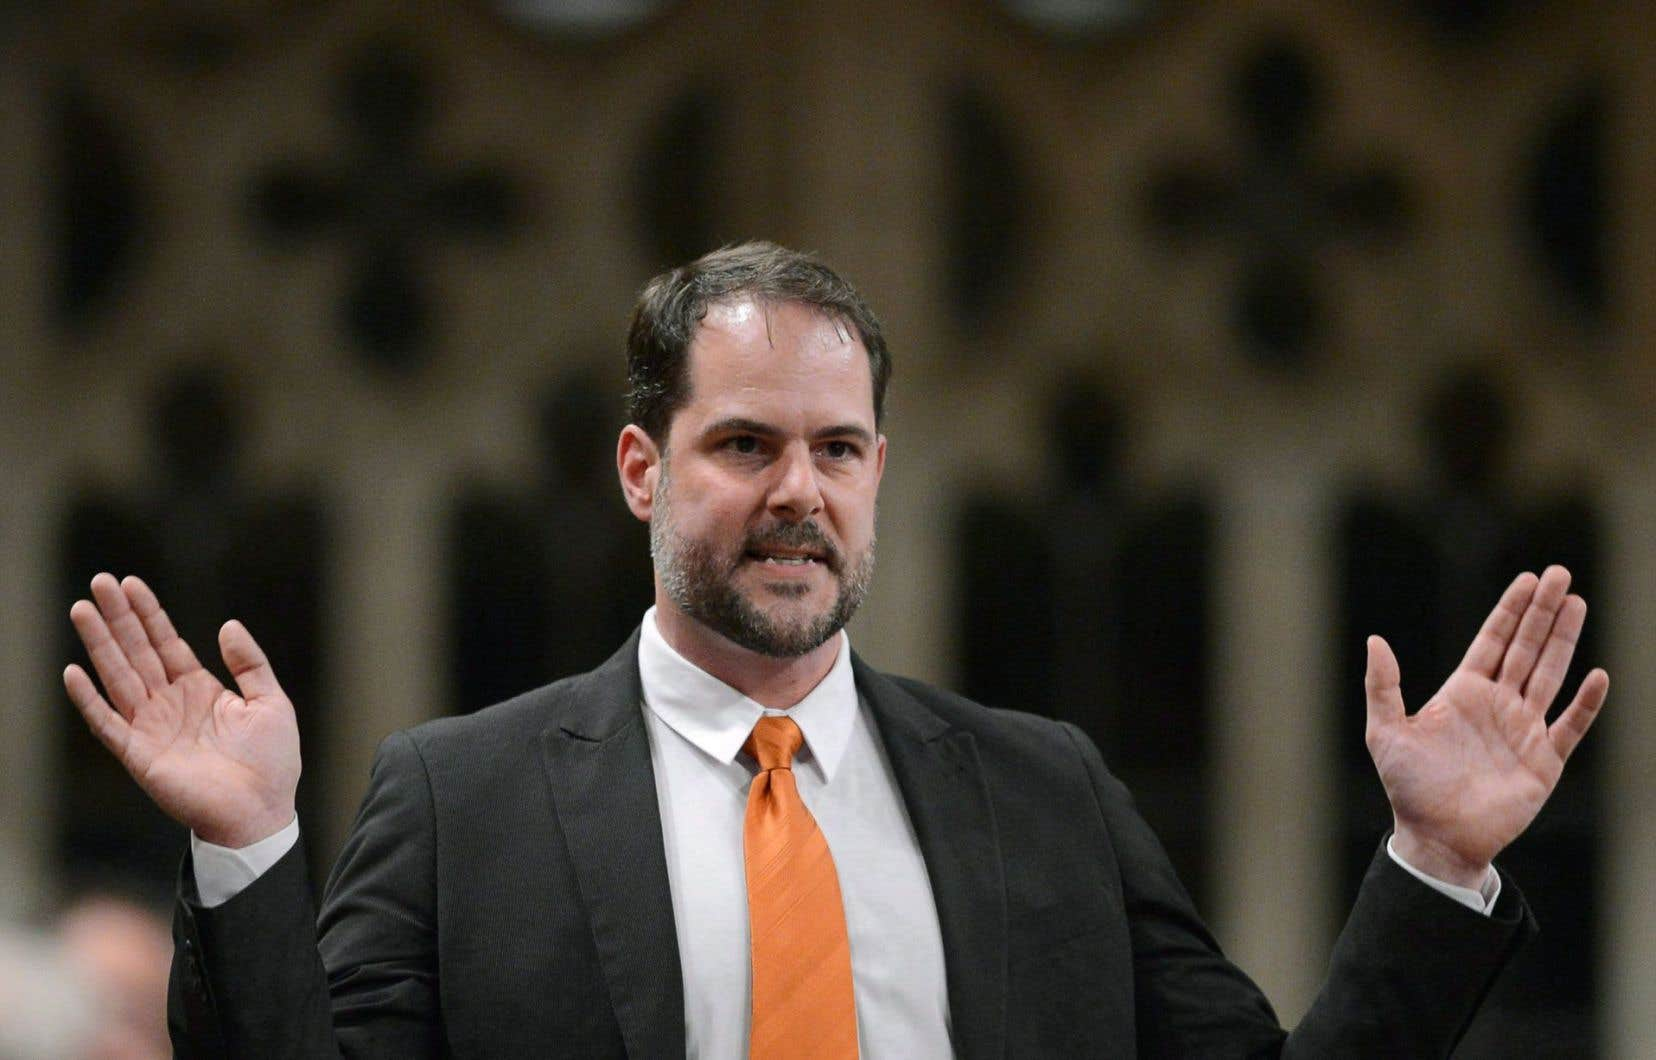 Le député de Rosemont-La Petite Patrie, Alexandre Boulerice, cite des raisons familiales pour expliquer sa décision.